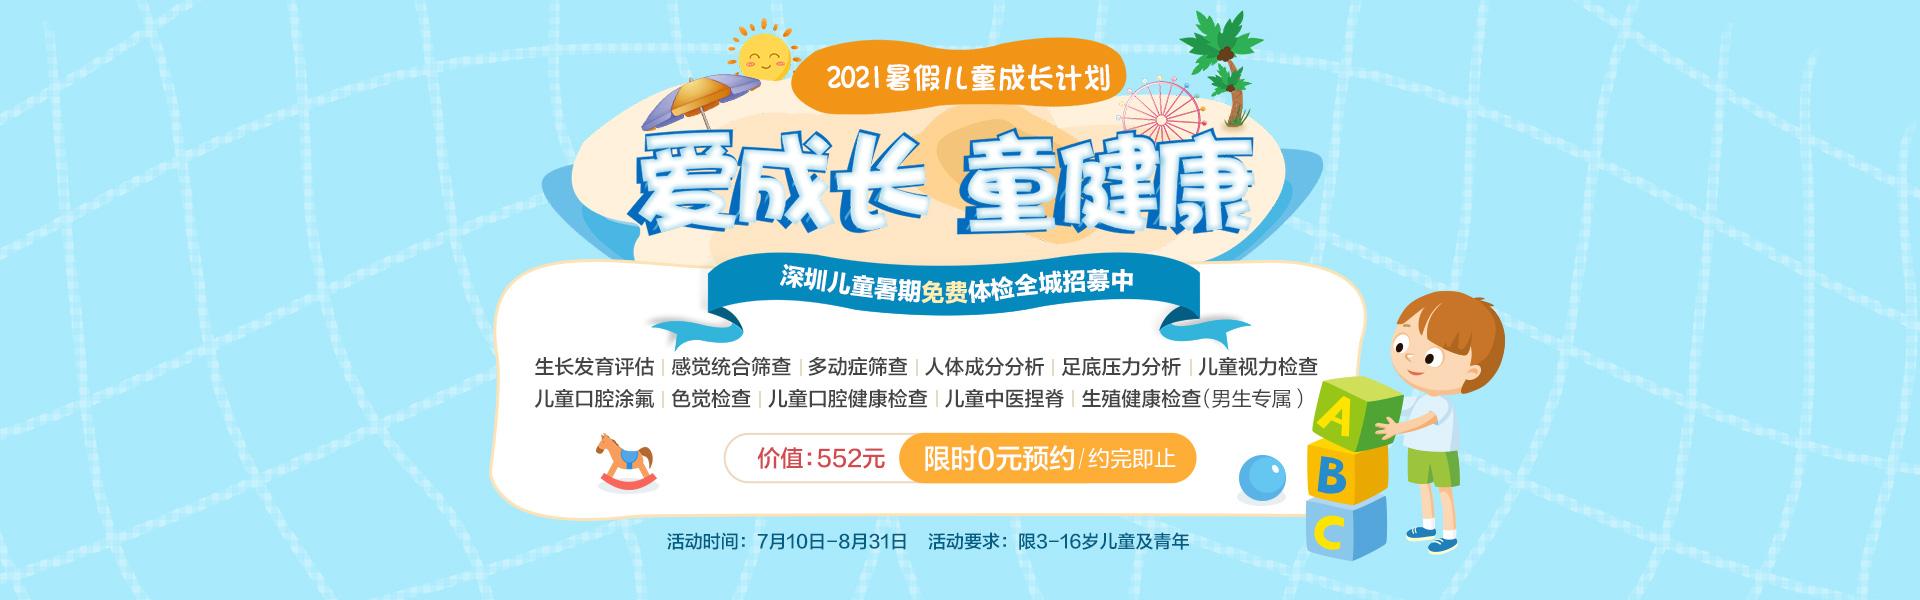 儿童暑期免费筛查活动